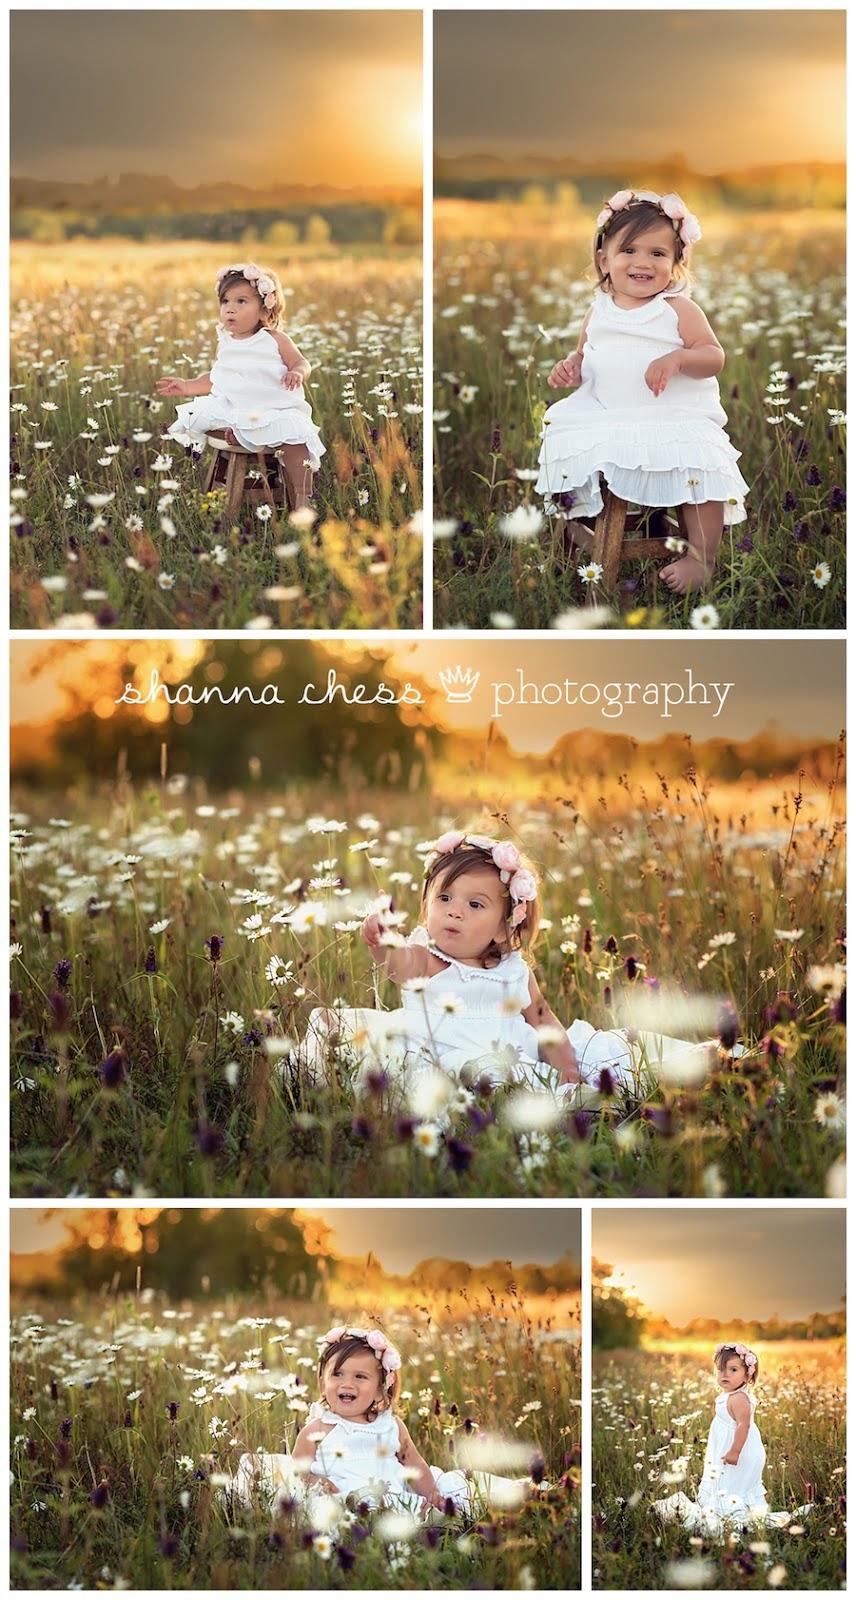 eugene, oregon child photographer